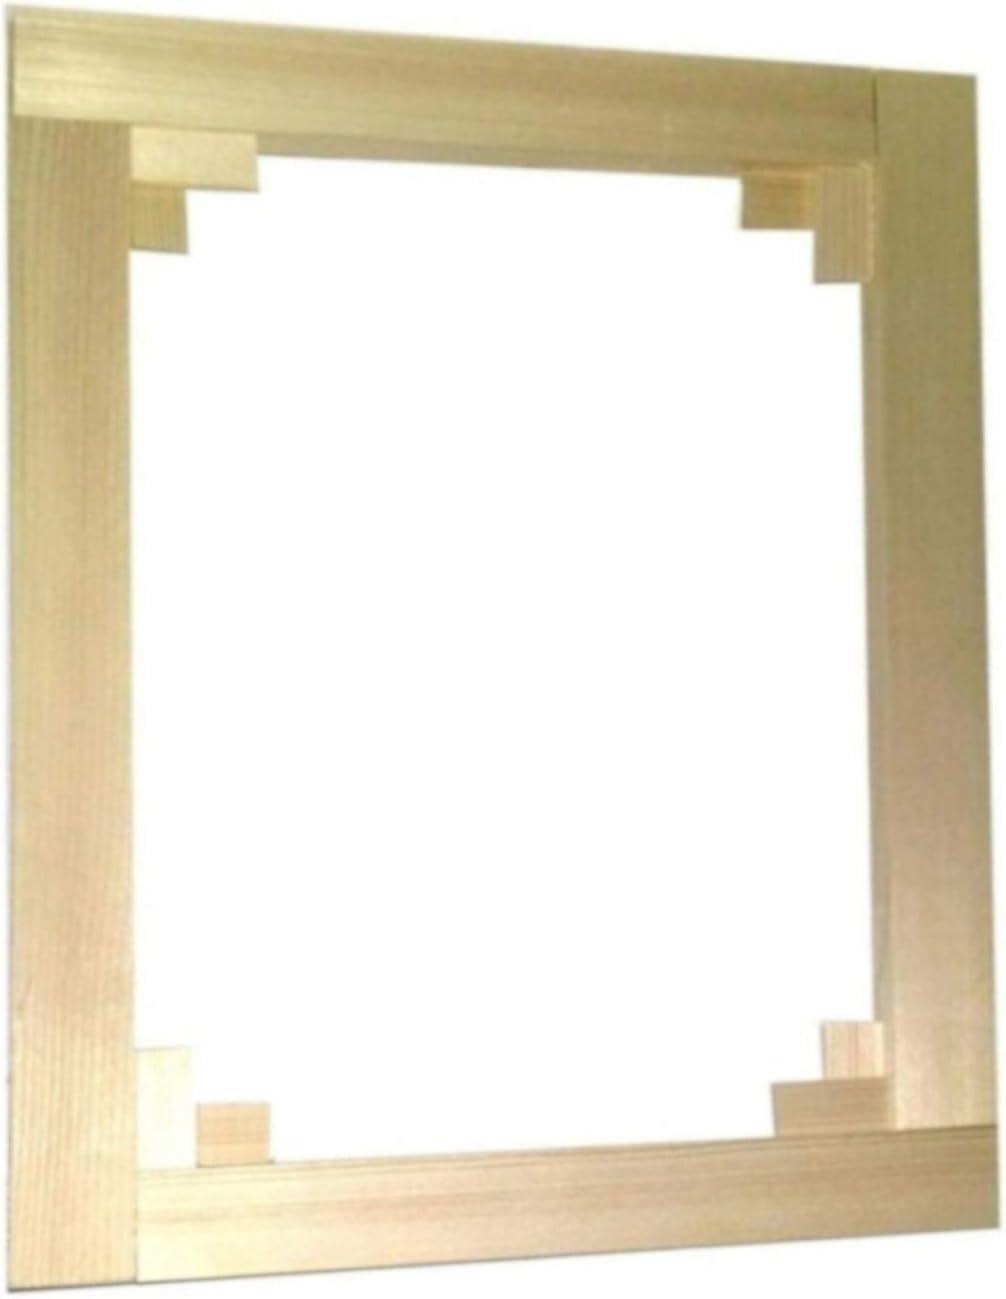 Niik Telaio Telai in Legno Gallery Sp 3 cm 20 x 40 x 3 cm Professionale per intelaiare Tele Stampe Quadri Foto Poster Made in Italy